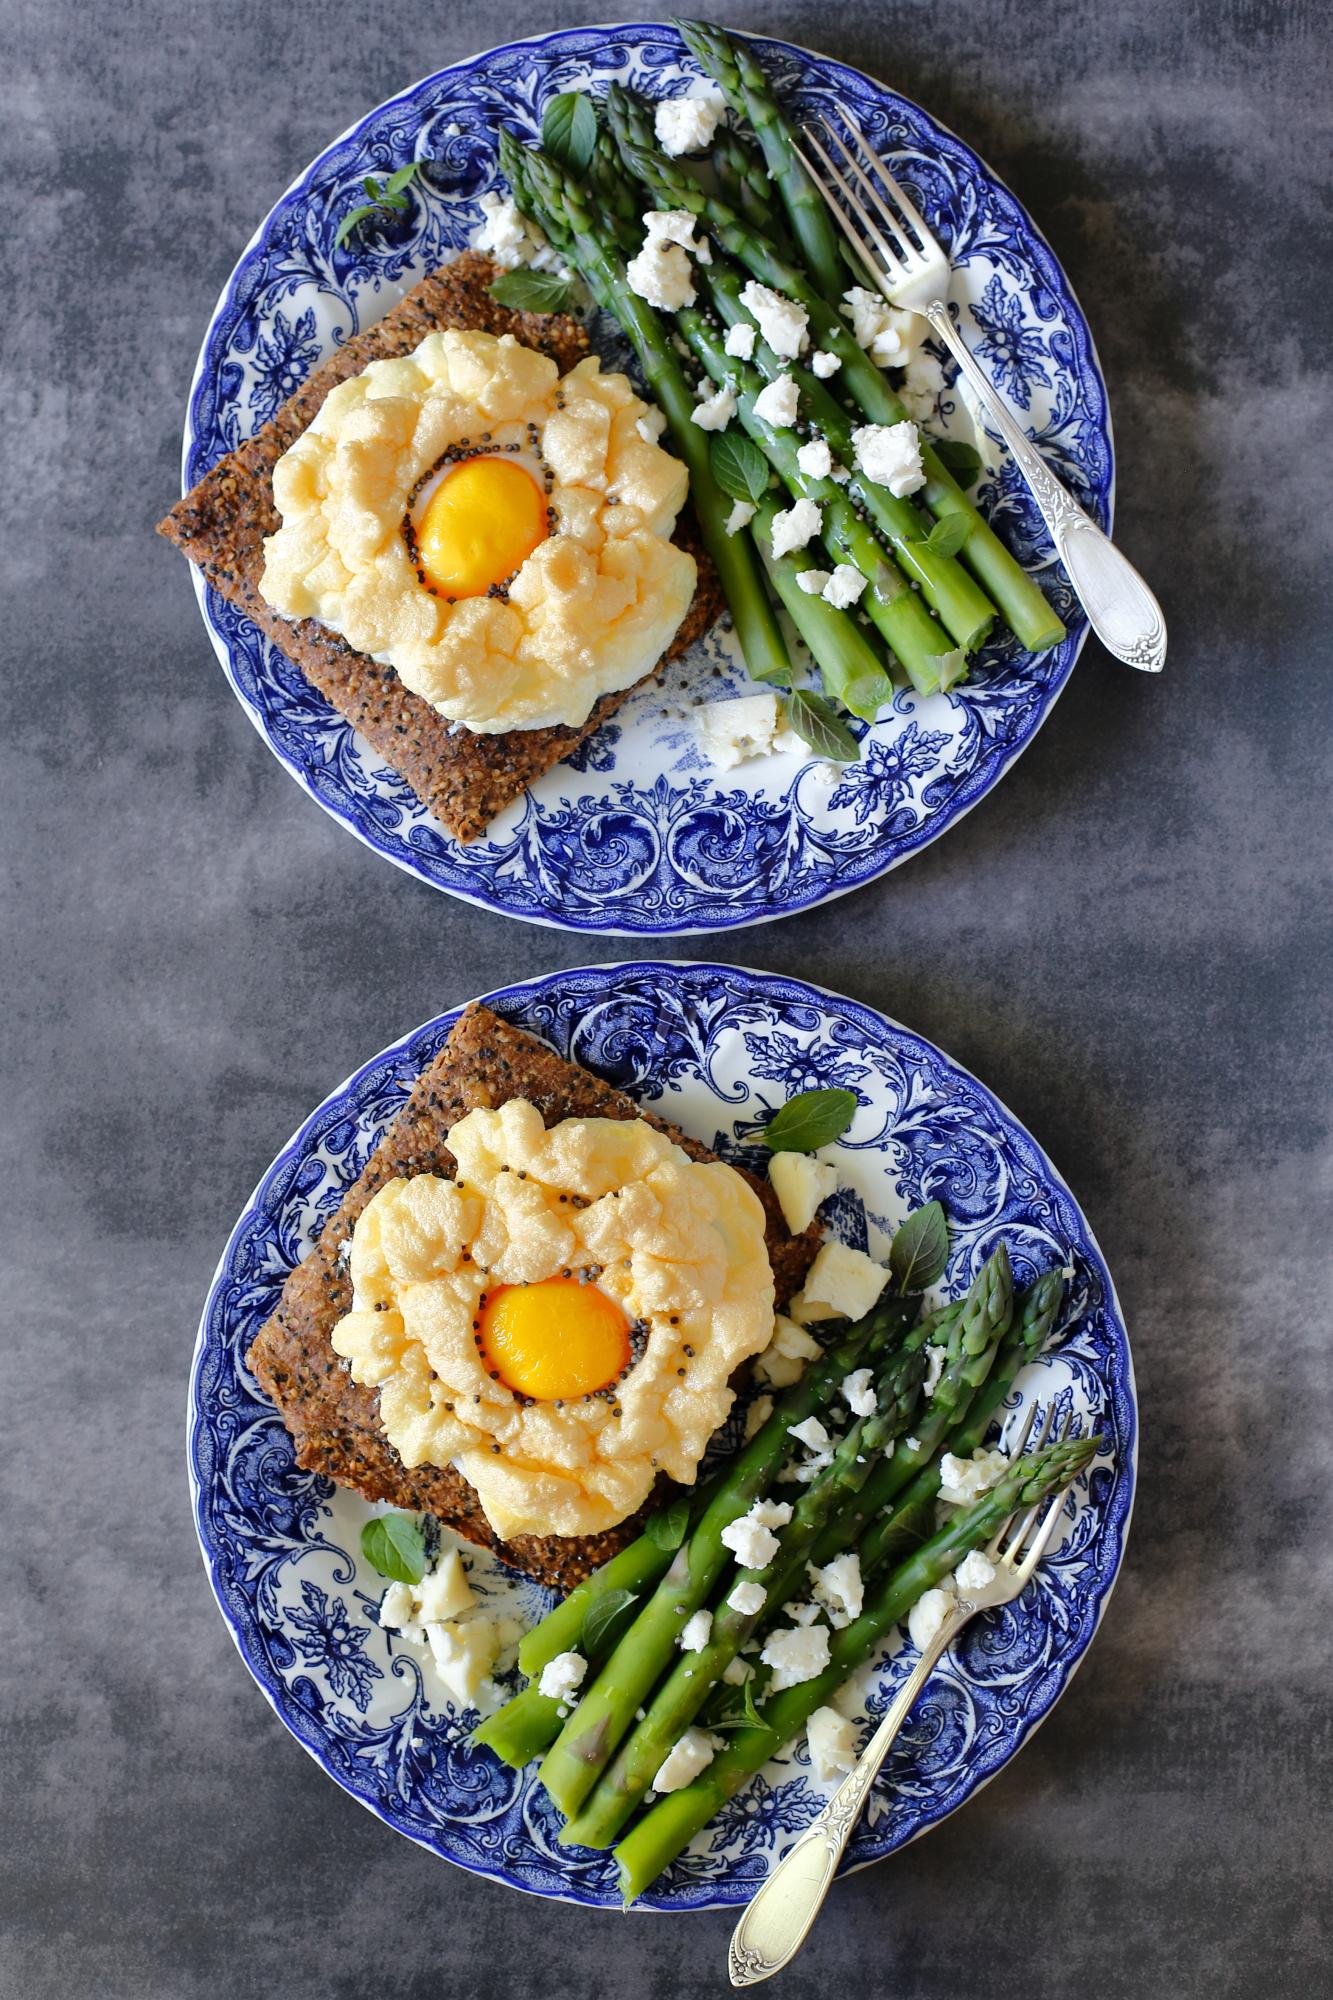 Jajko na chmurce - cloud eggs